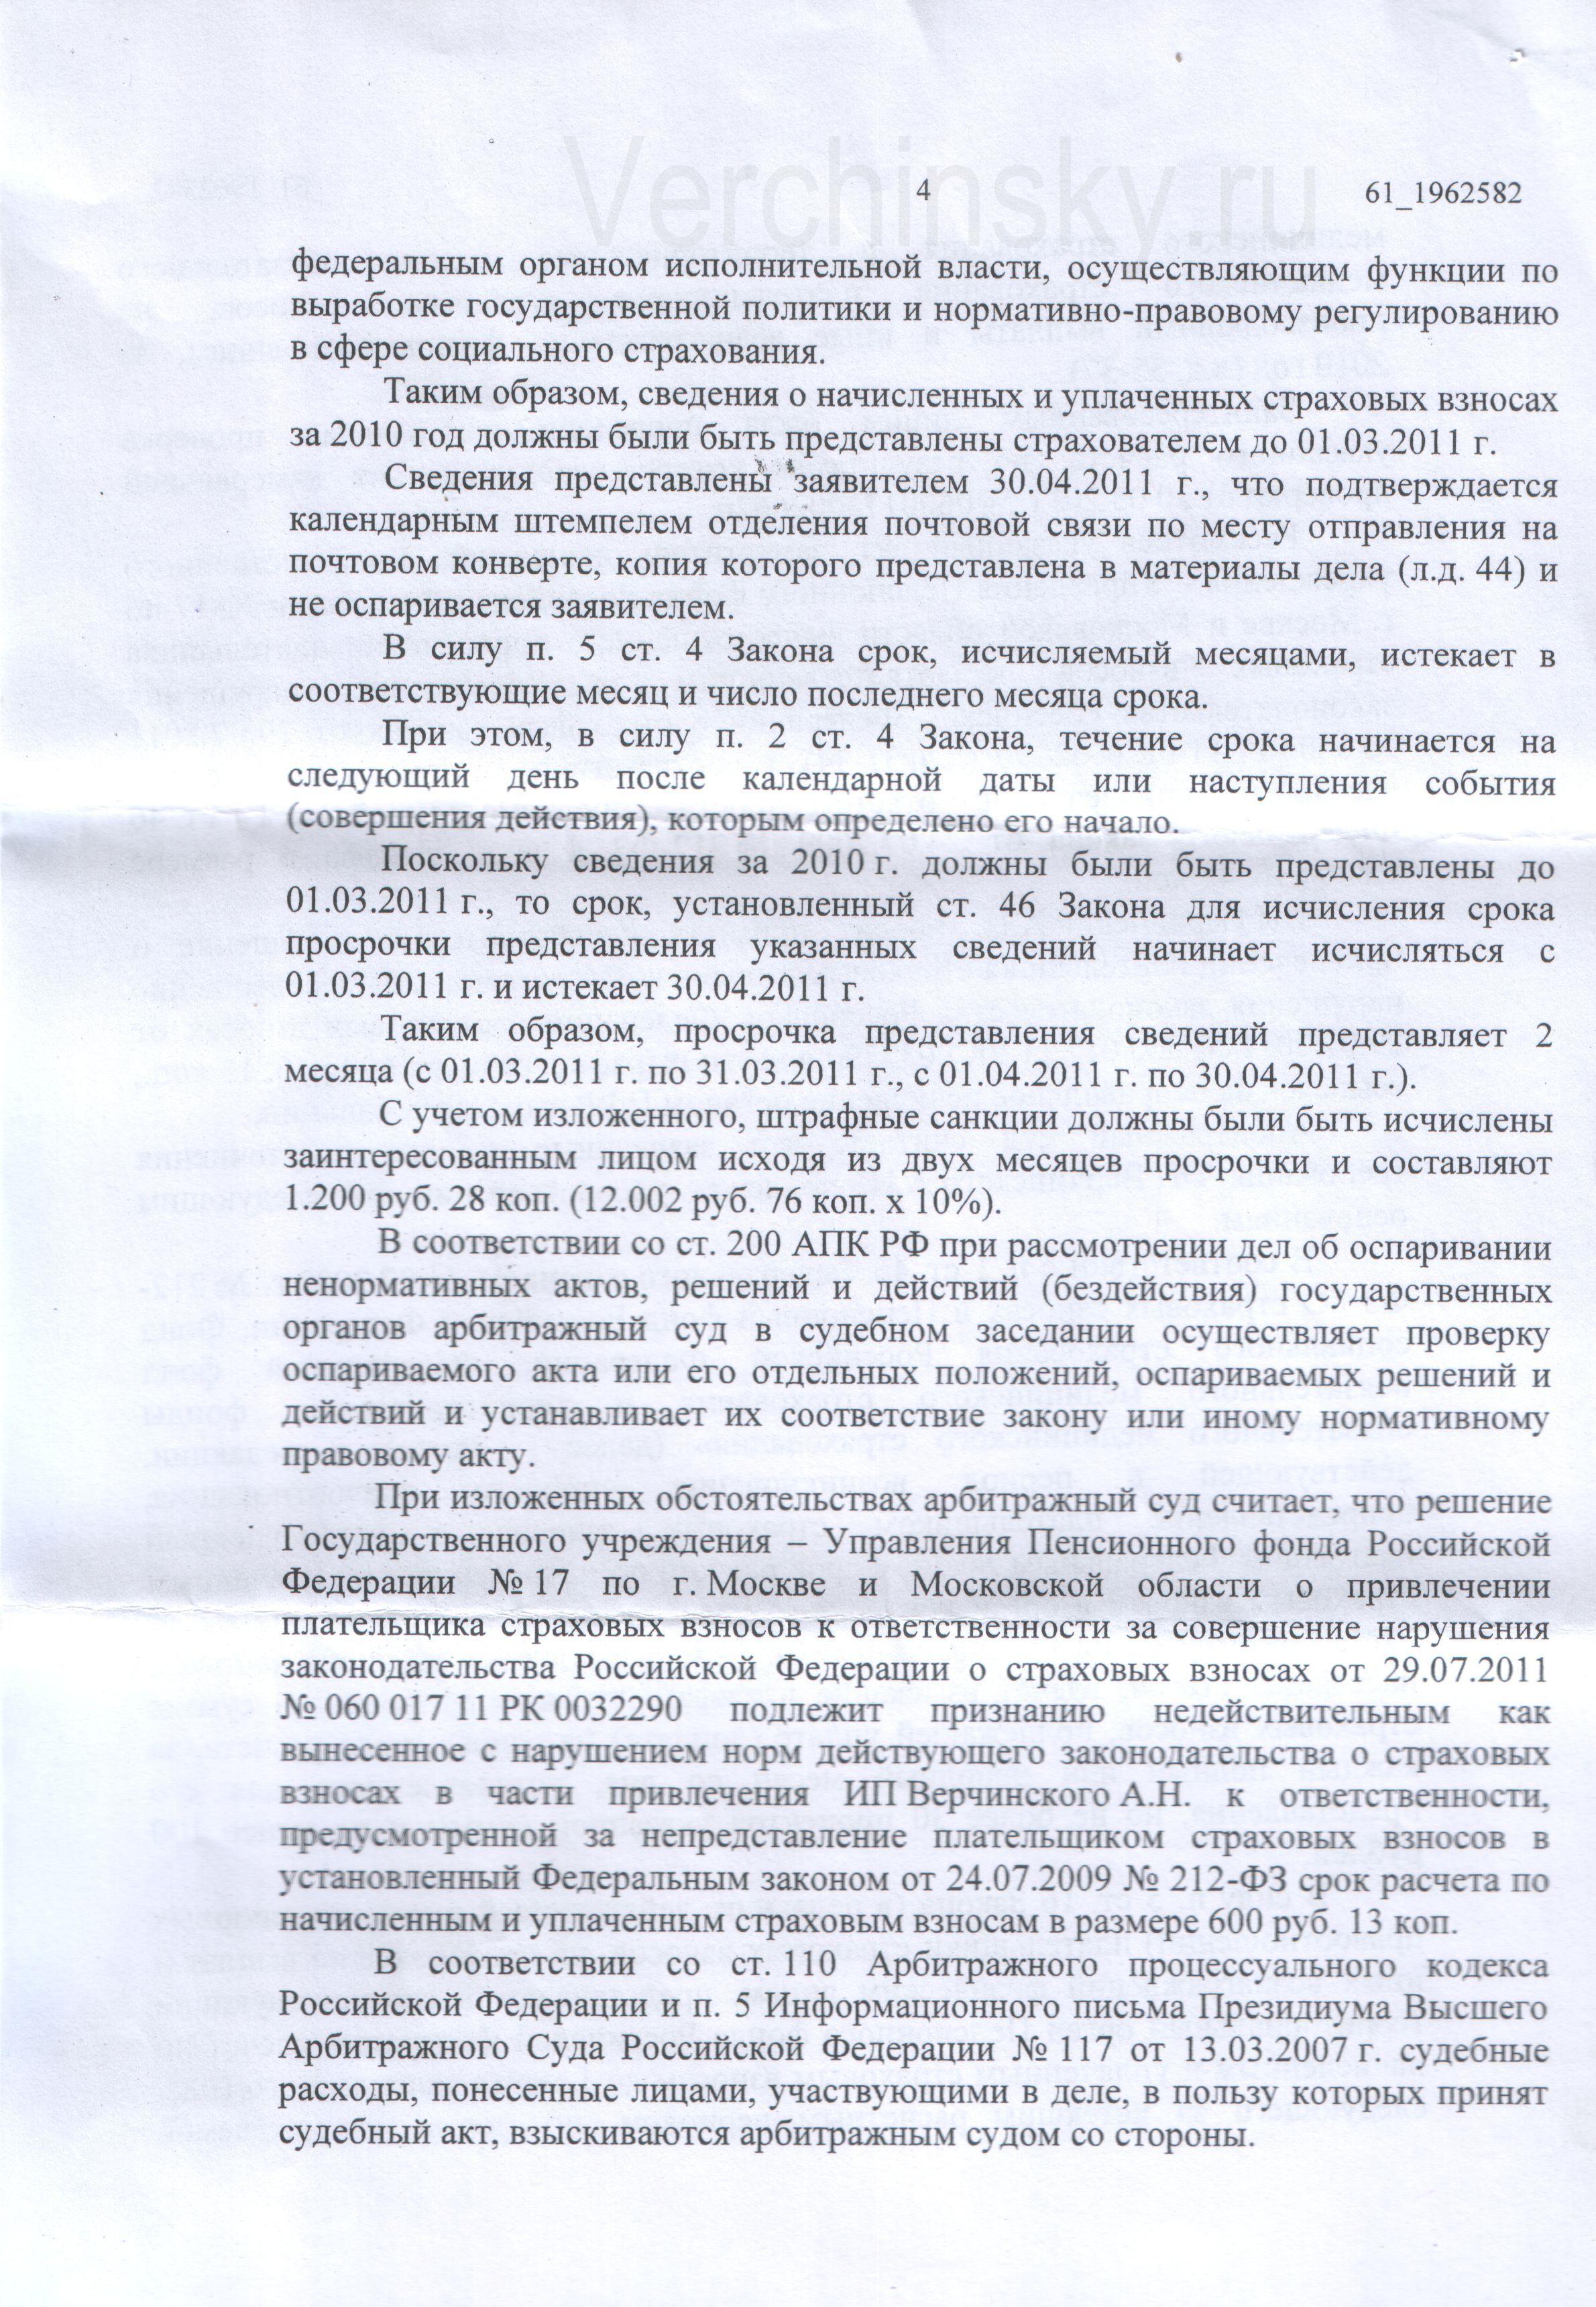 Решение АС МО по штрафу 1800 руб. 41 коп. — 4 из 5 л.jpg